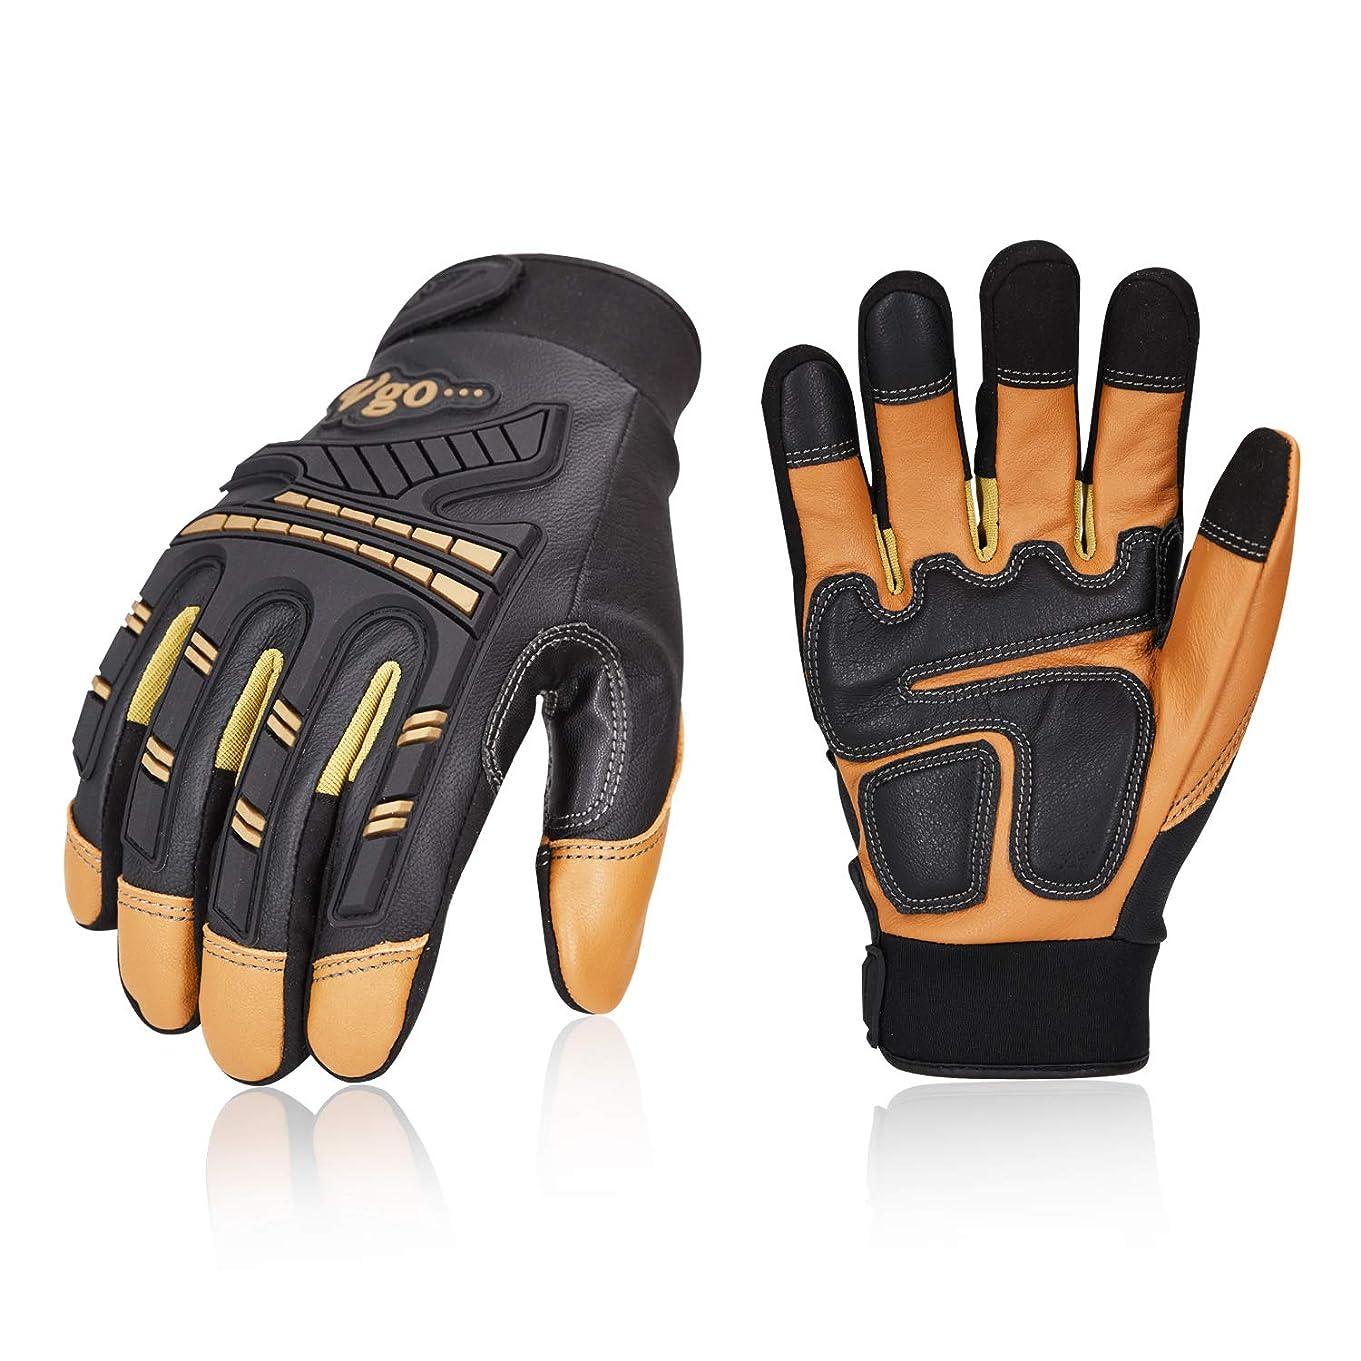 作りなぞらえる生きているおたふく手袋/人工皮革手袋 ネクステージ?ワン [10双入]/品番:K-41 サイズ:L カラー:ホワイト